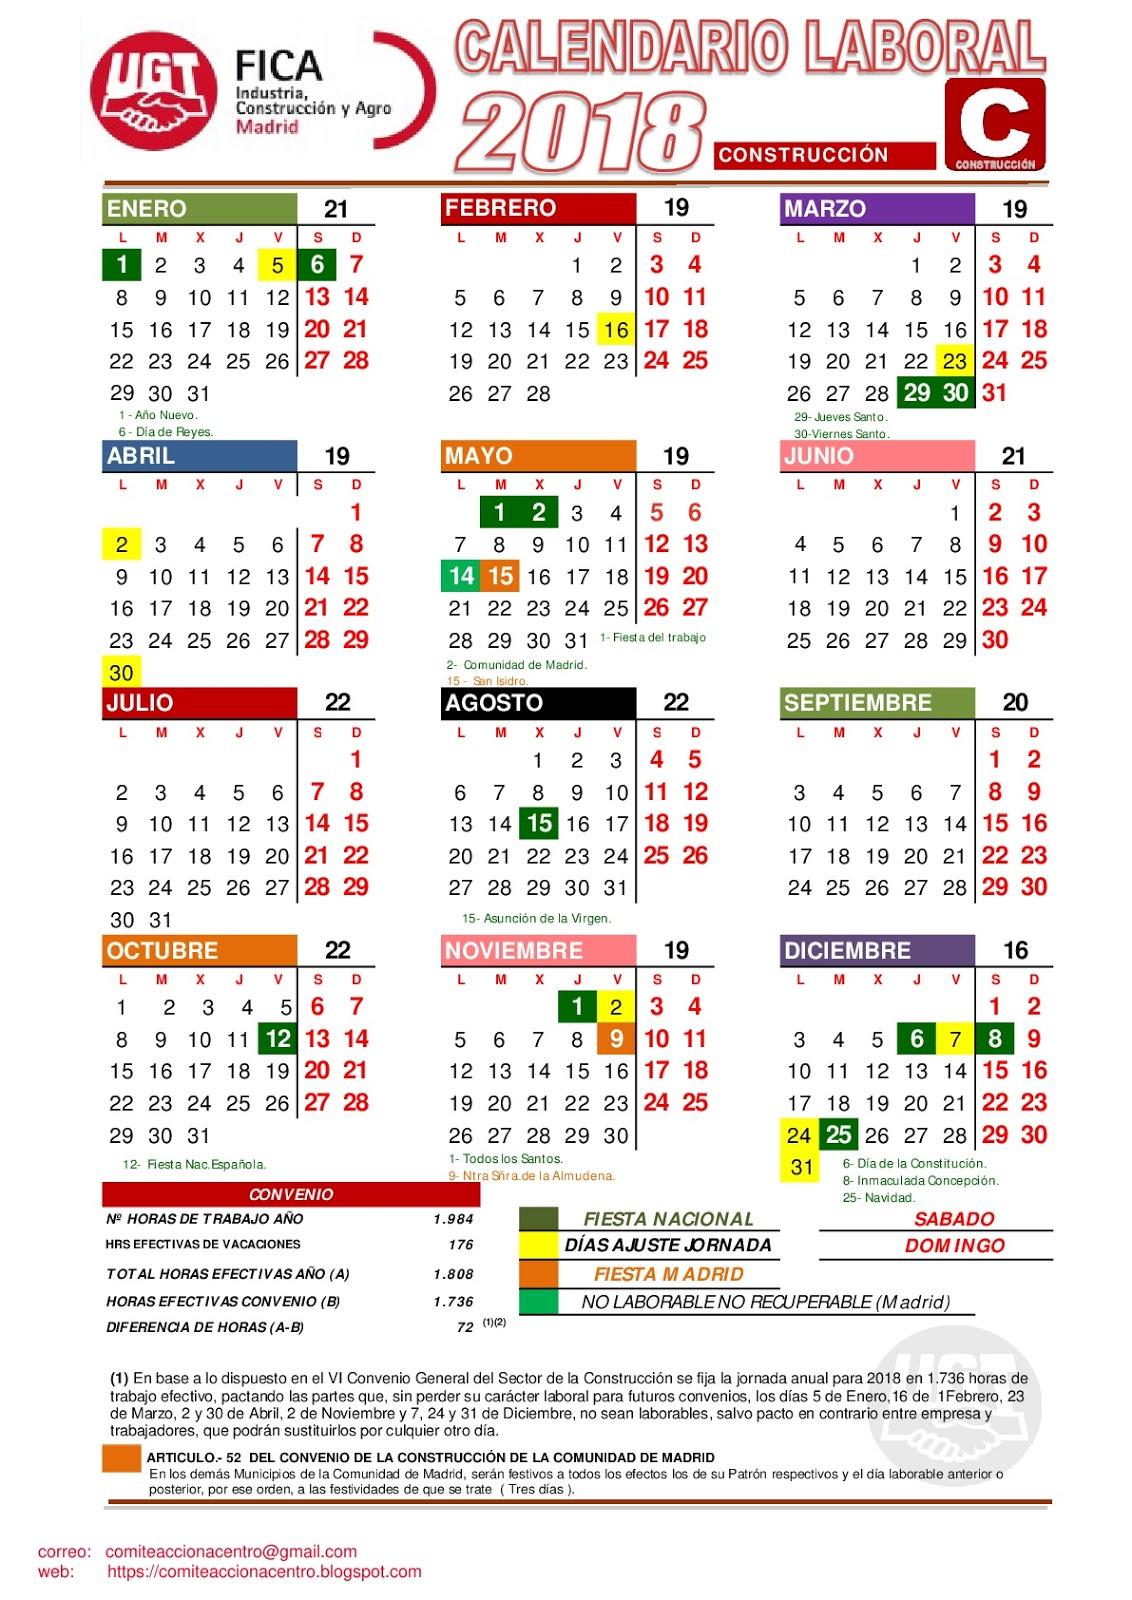 Comit acciona centro calendario laboral 2018 - Empresas de construccion en madrid ...